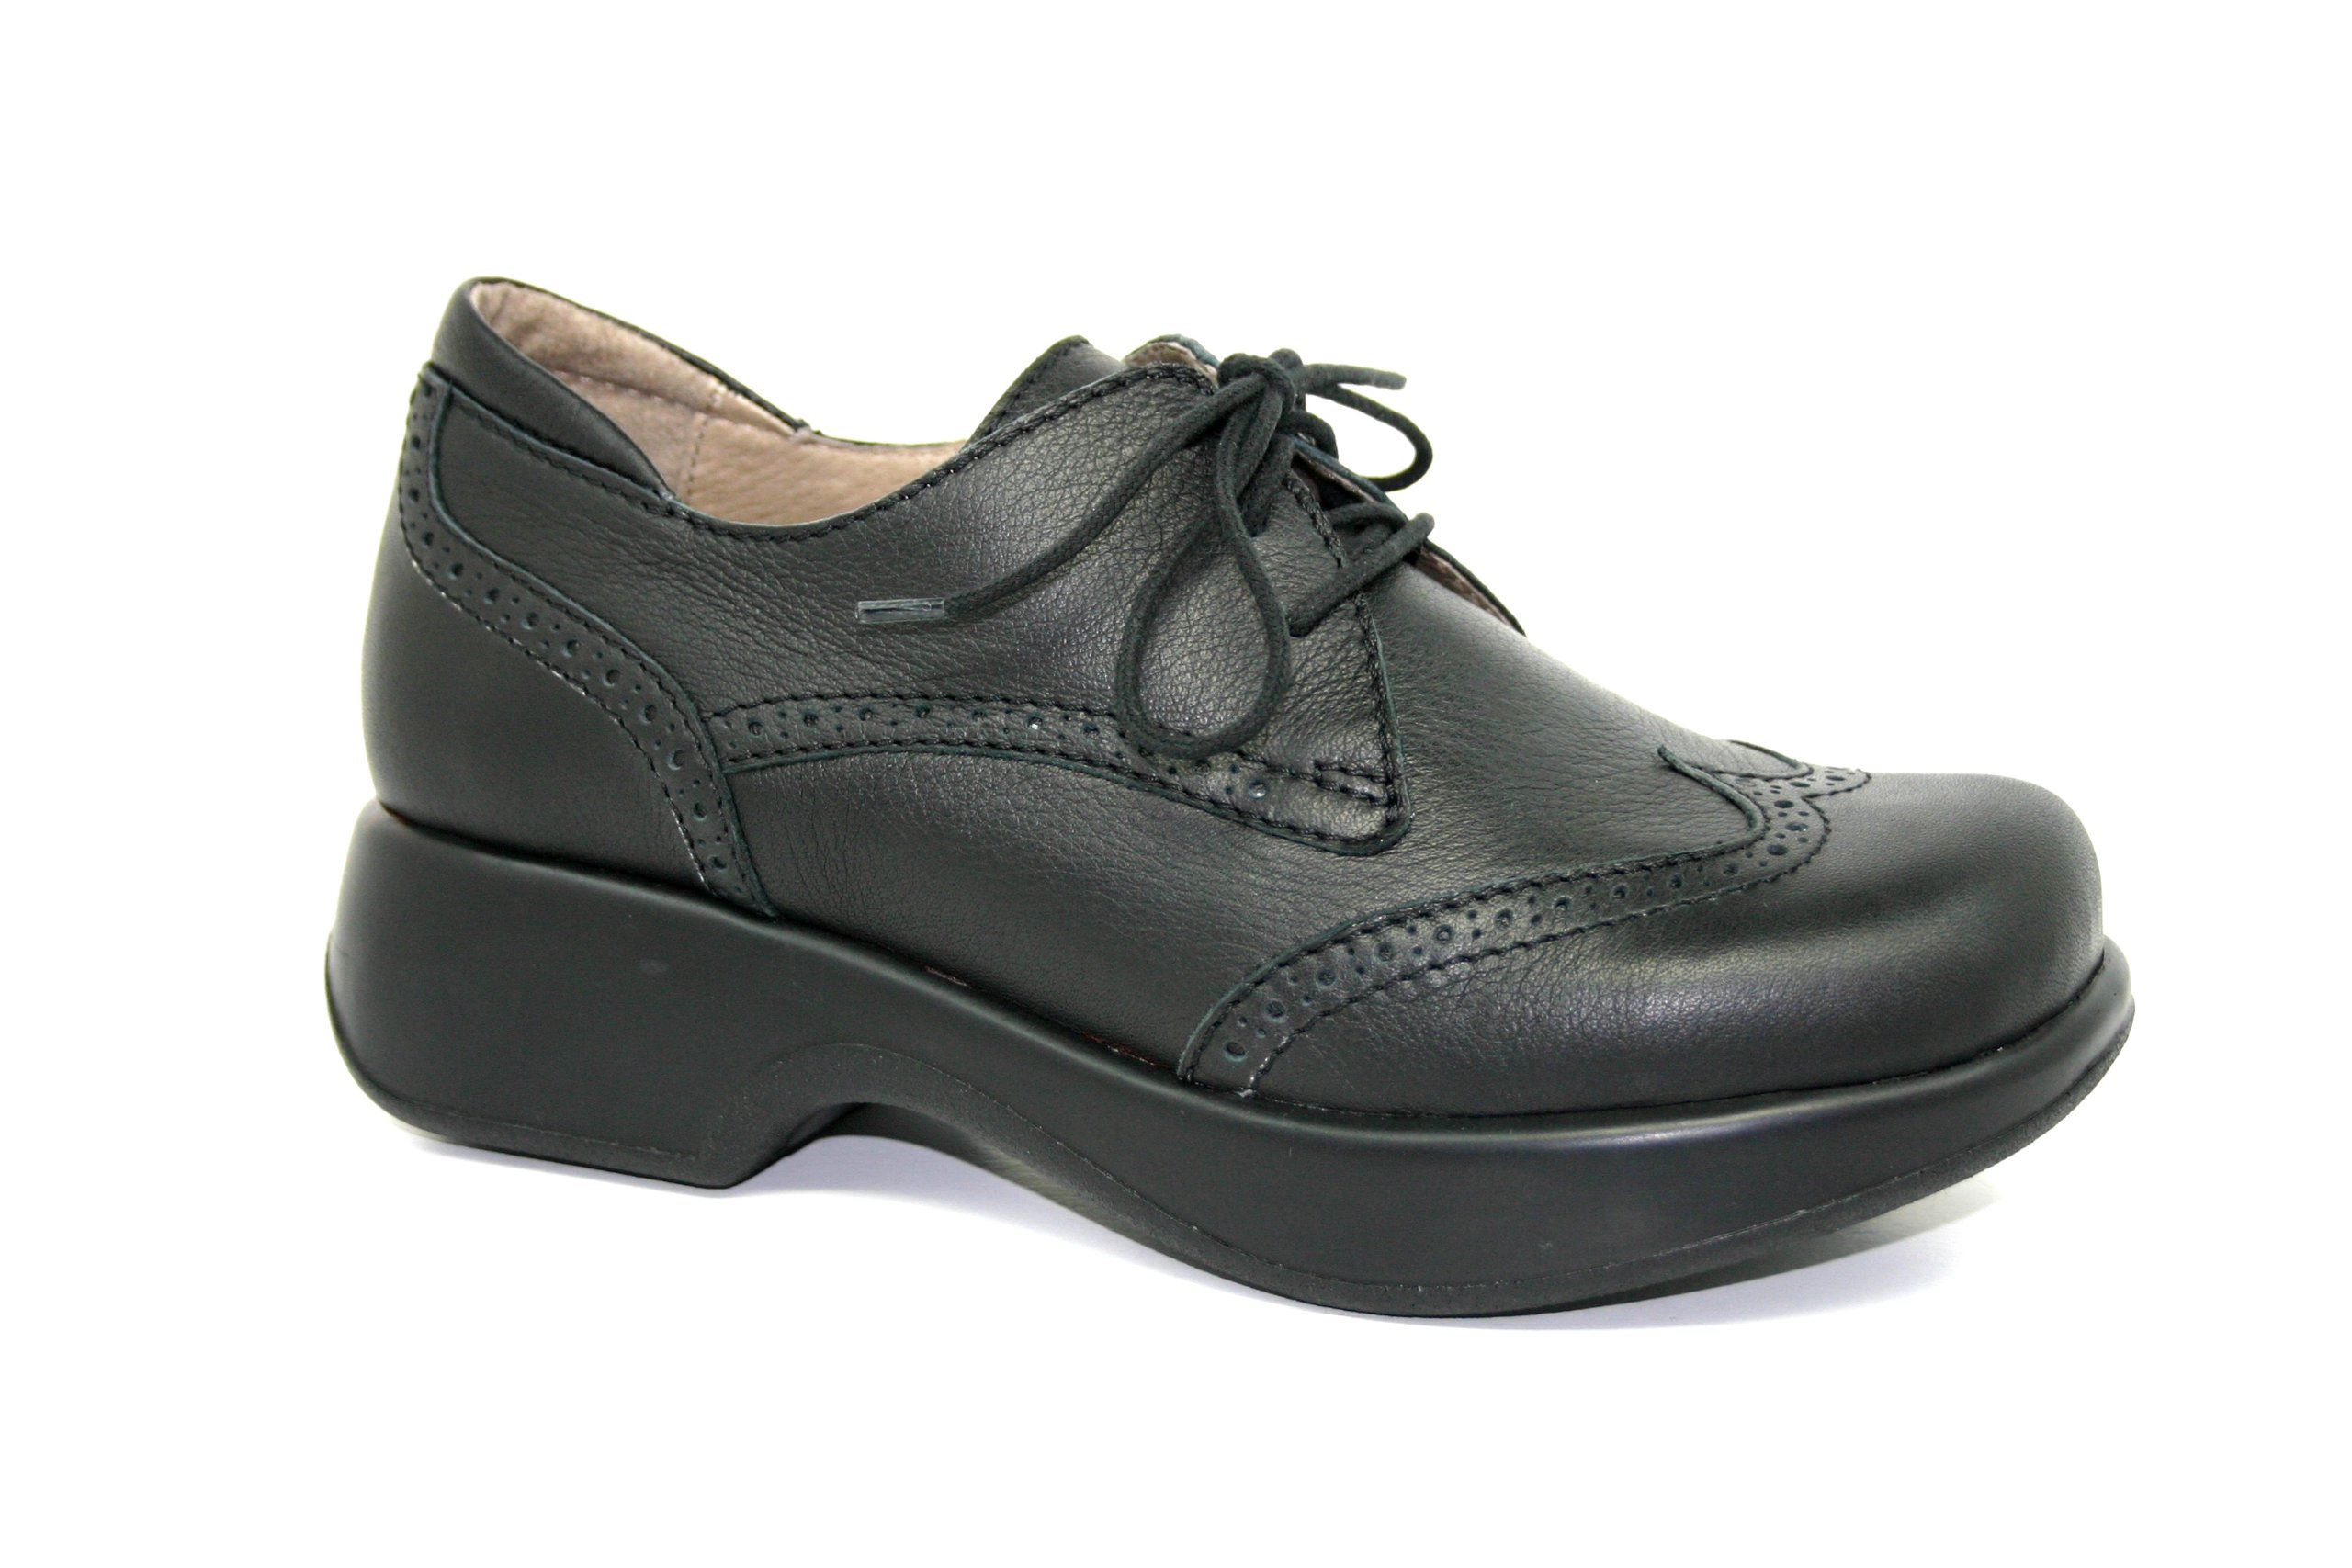 Dromedaris Women's Hornbill Platform Shoes,Black,38 M EU by Dromedaris